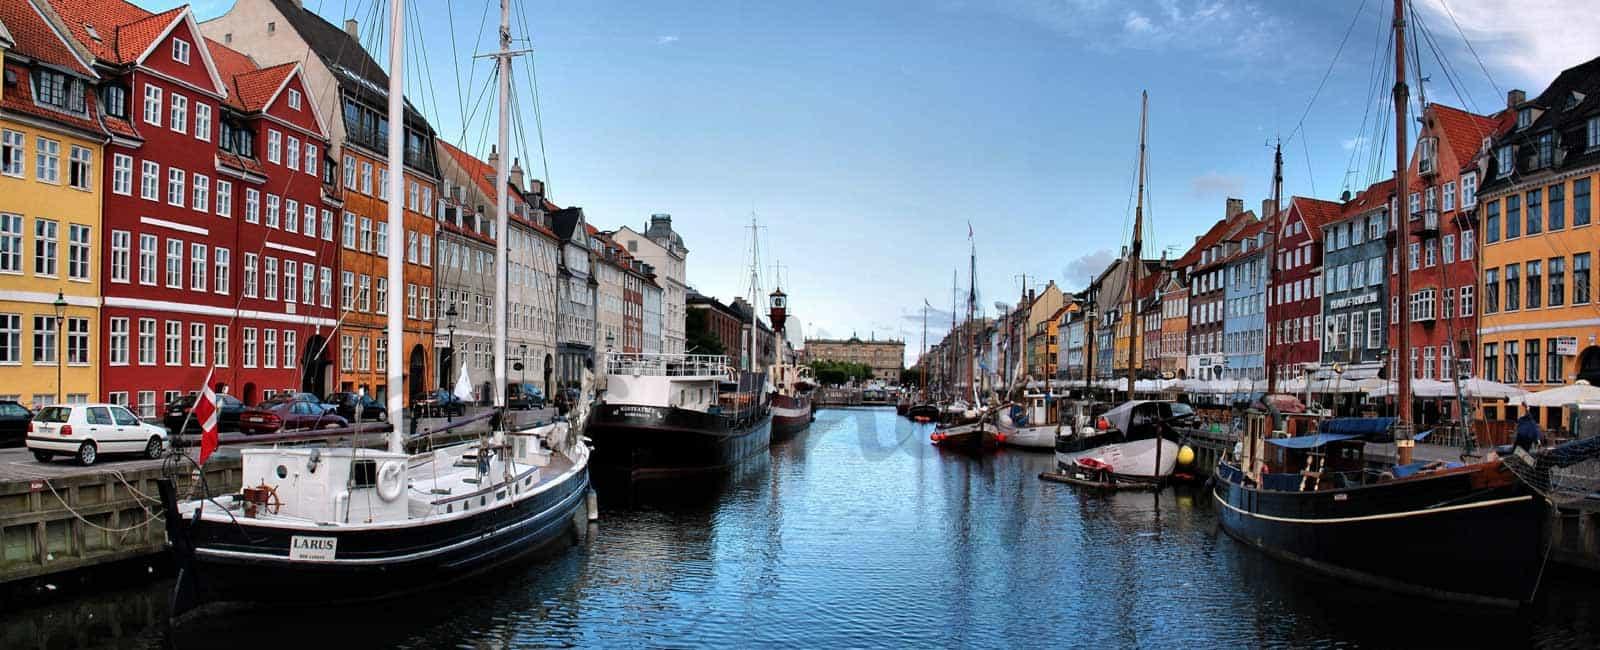 Copenhague, una ciudad de cuento – 1ª parte